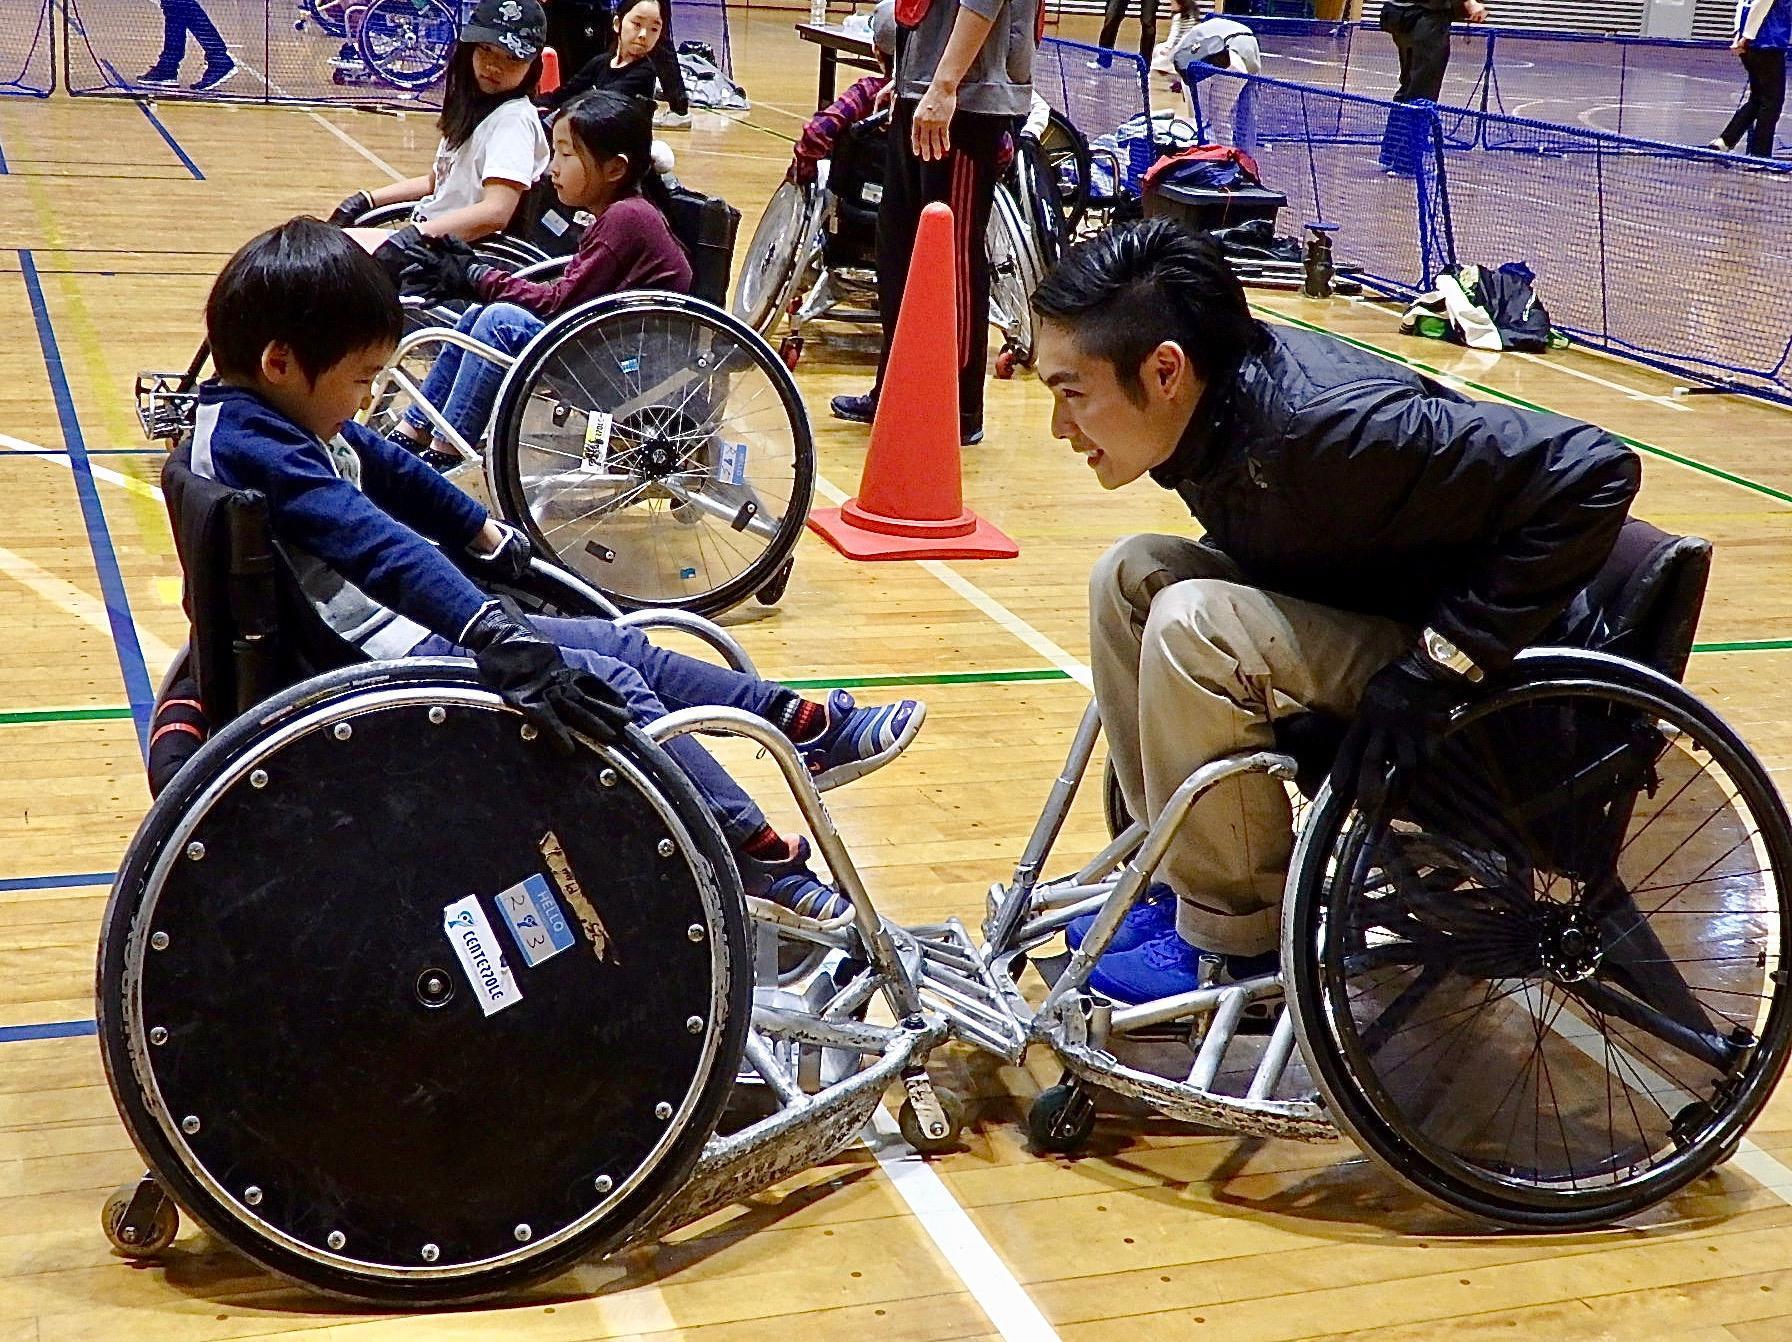 http://news.yoshimoto.co.jp/20171203110633-f4a18805a680a5694a7c4d4fea689e557f10aa7f.jpg